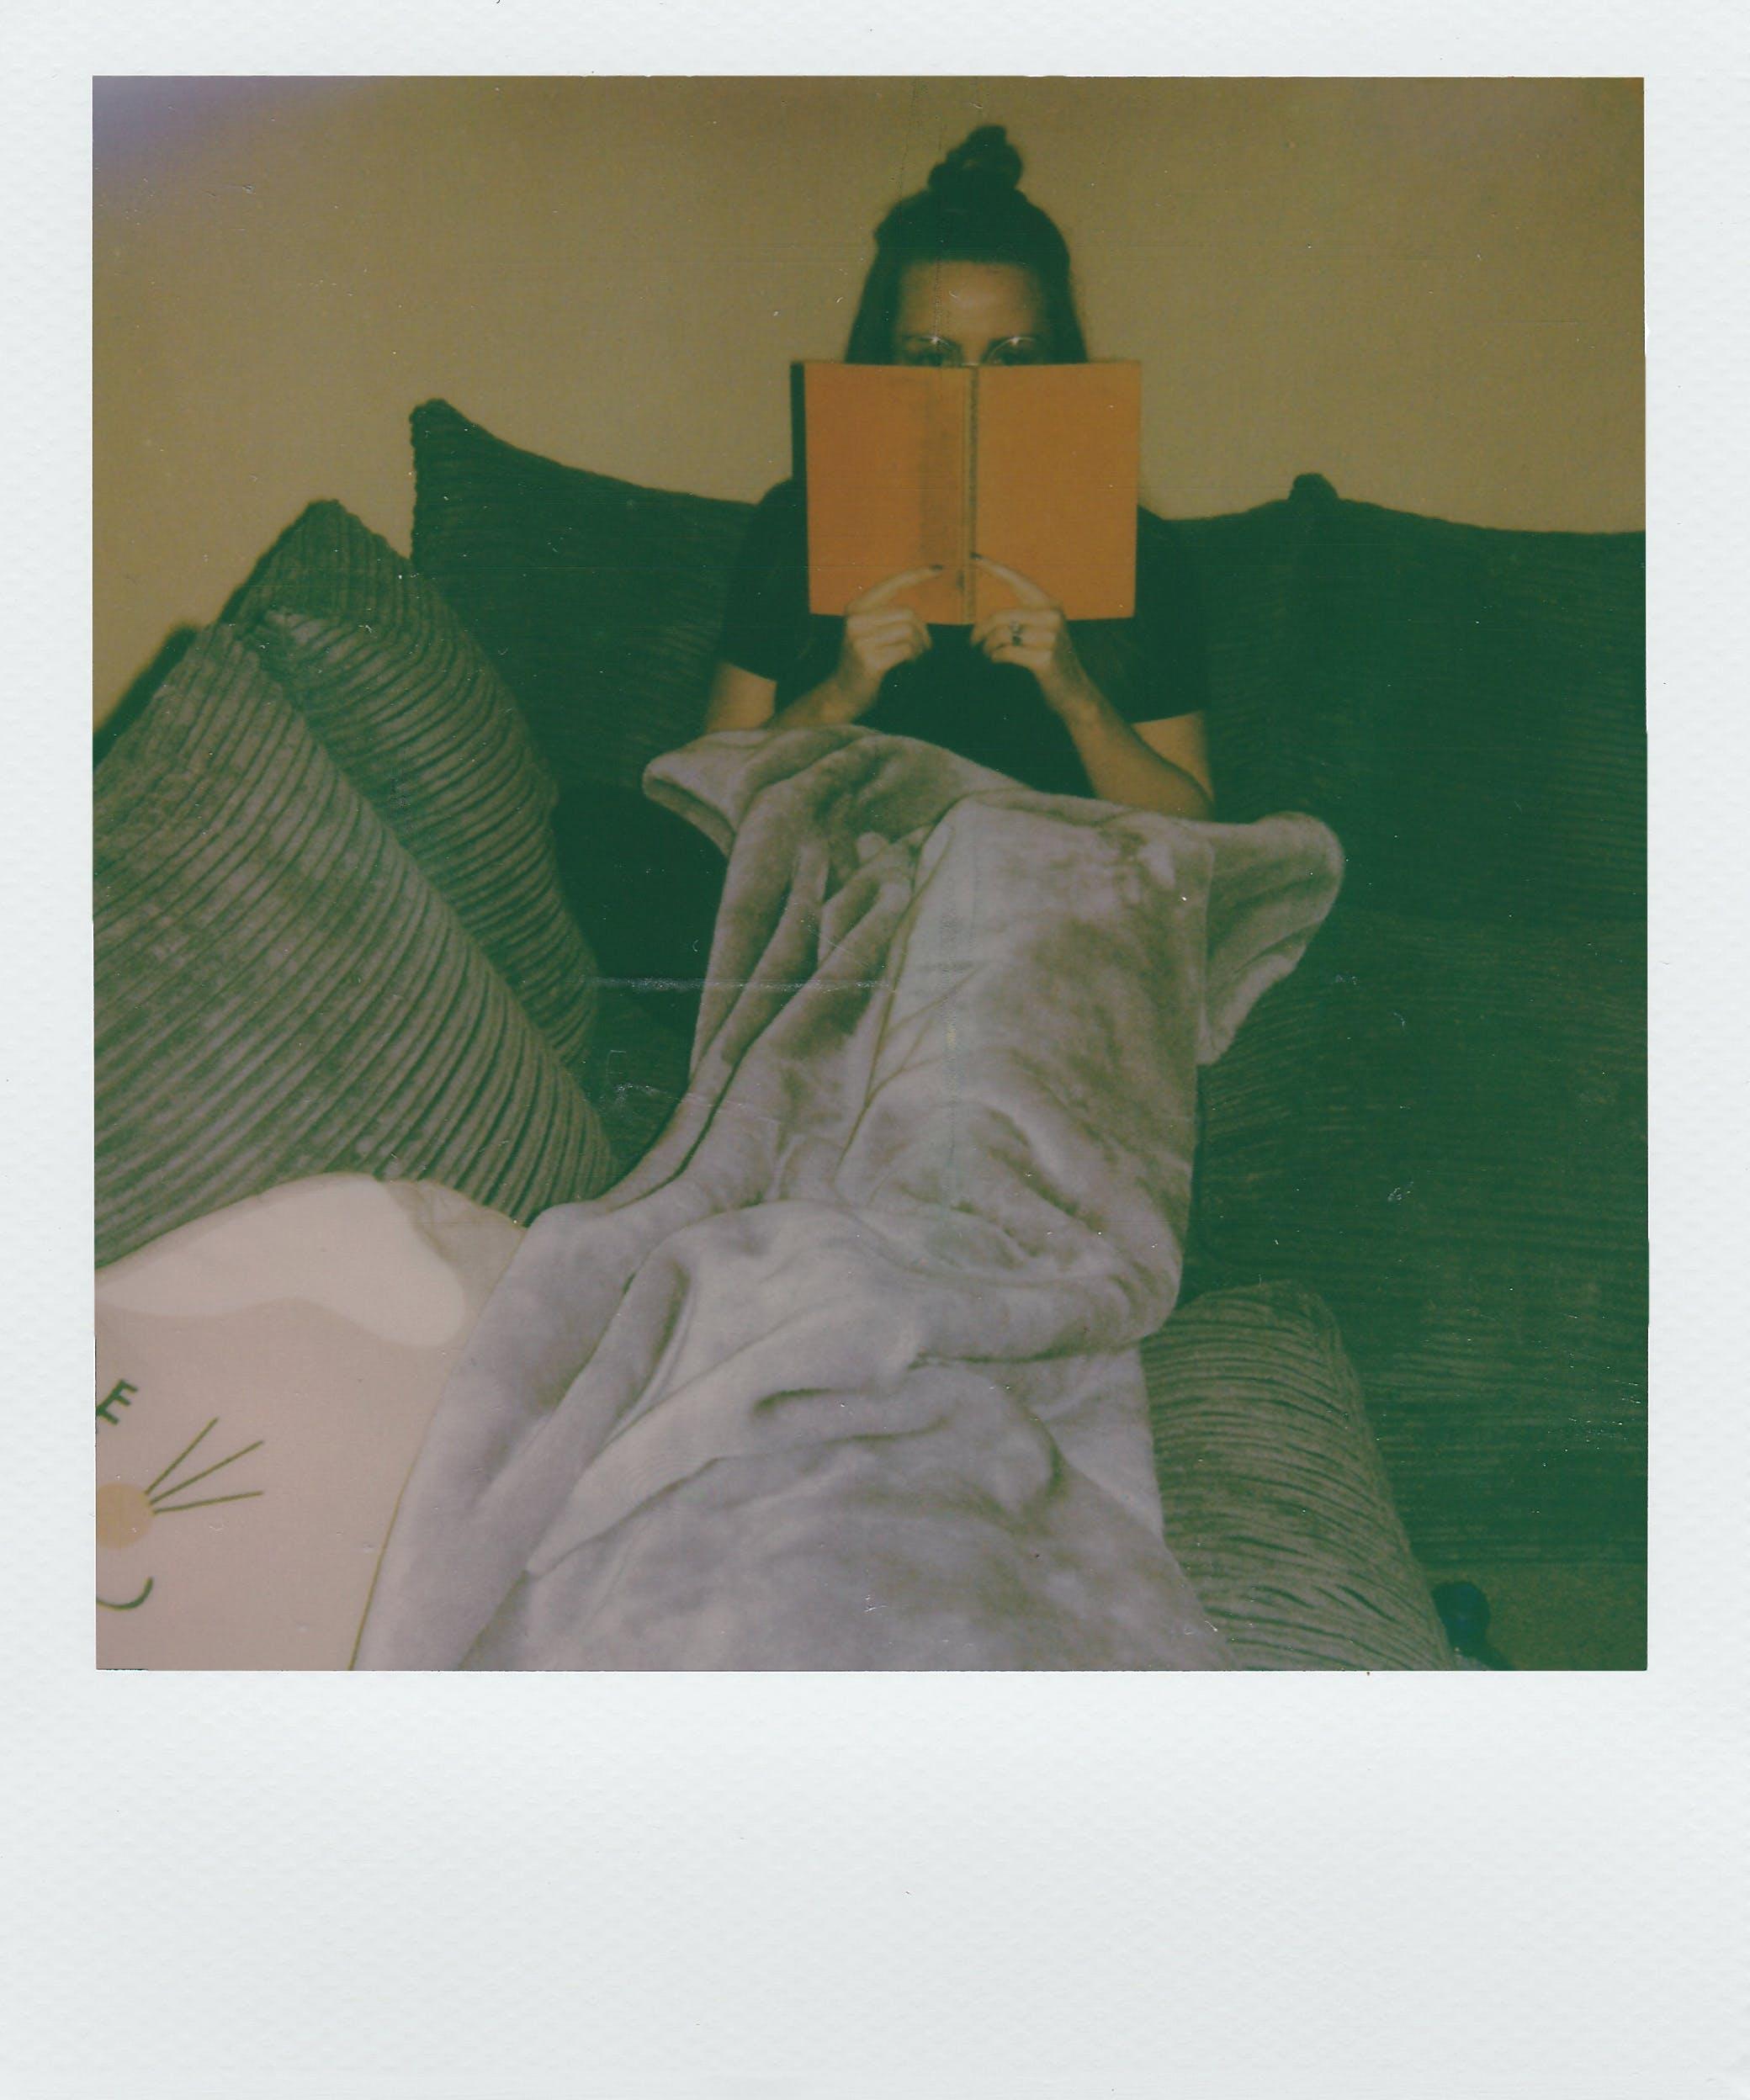 Δωρεάν στοκ φωτογραφιών με polaroid, ανάγνωση, άνθρωπος, βιβλίο